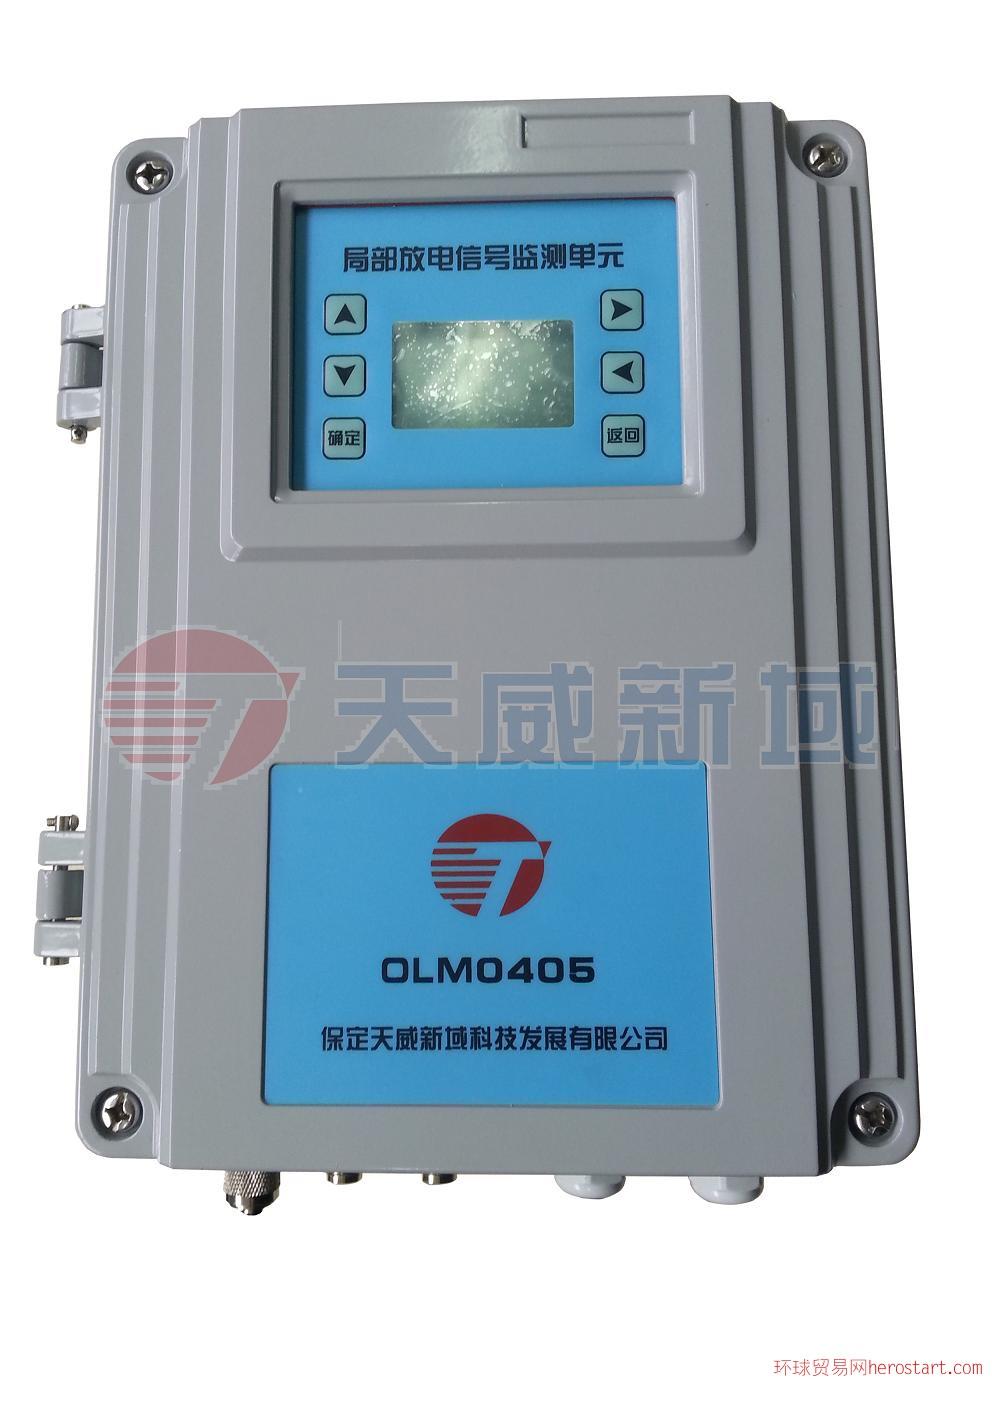 OLM0405电缆局部放电在线监测装置